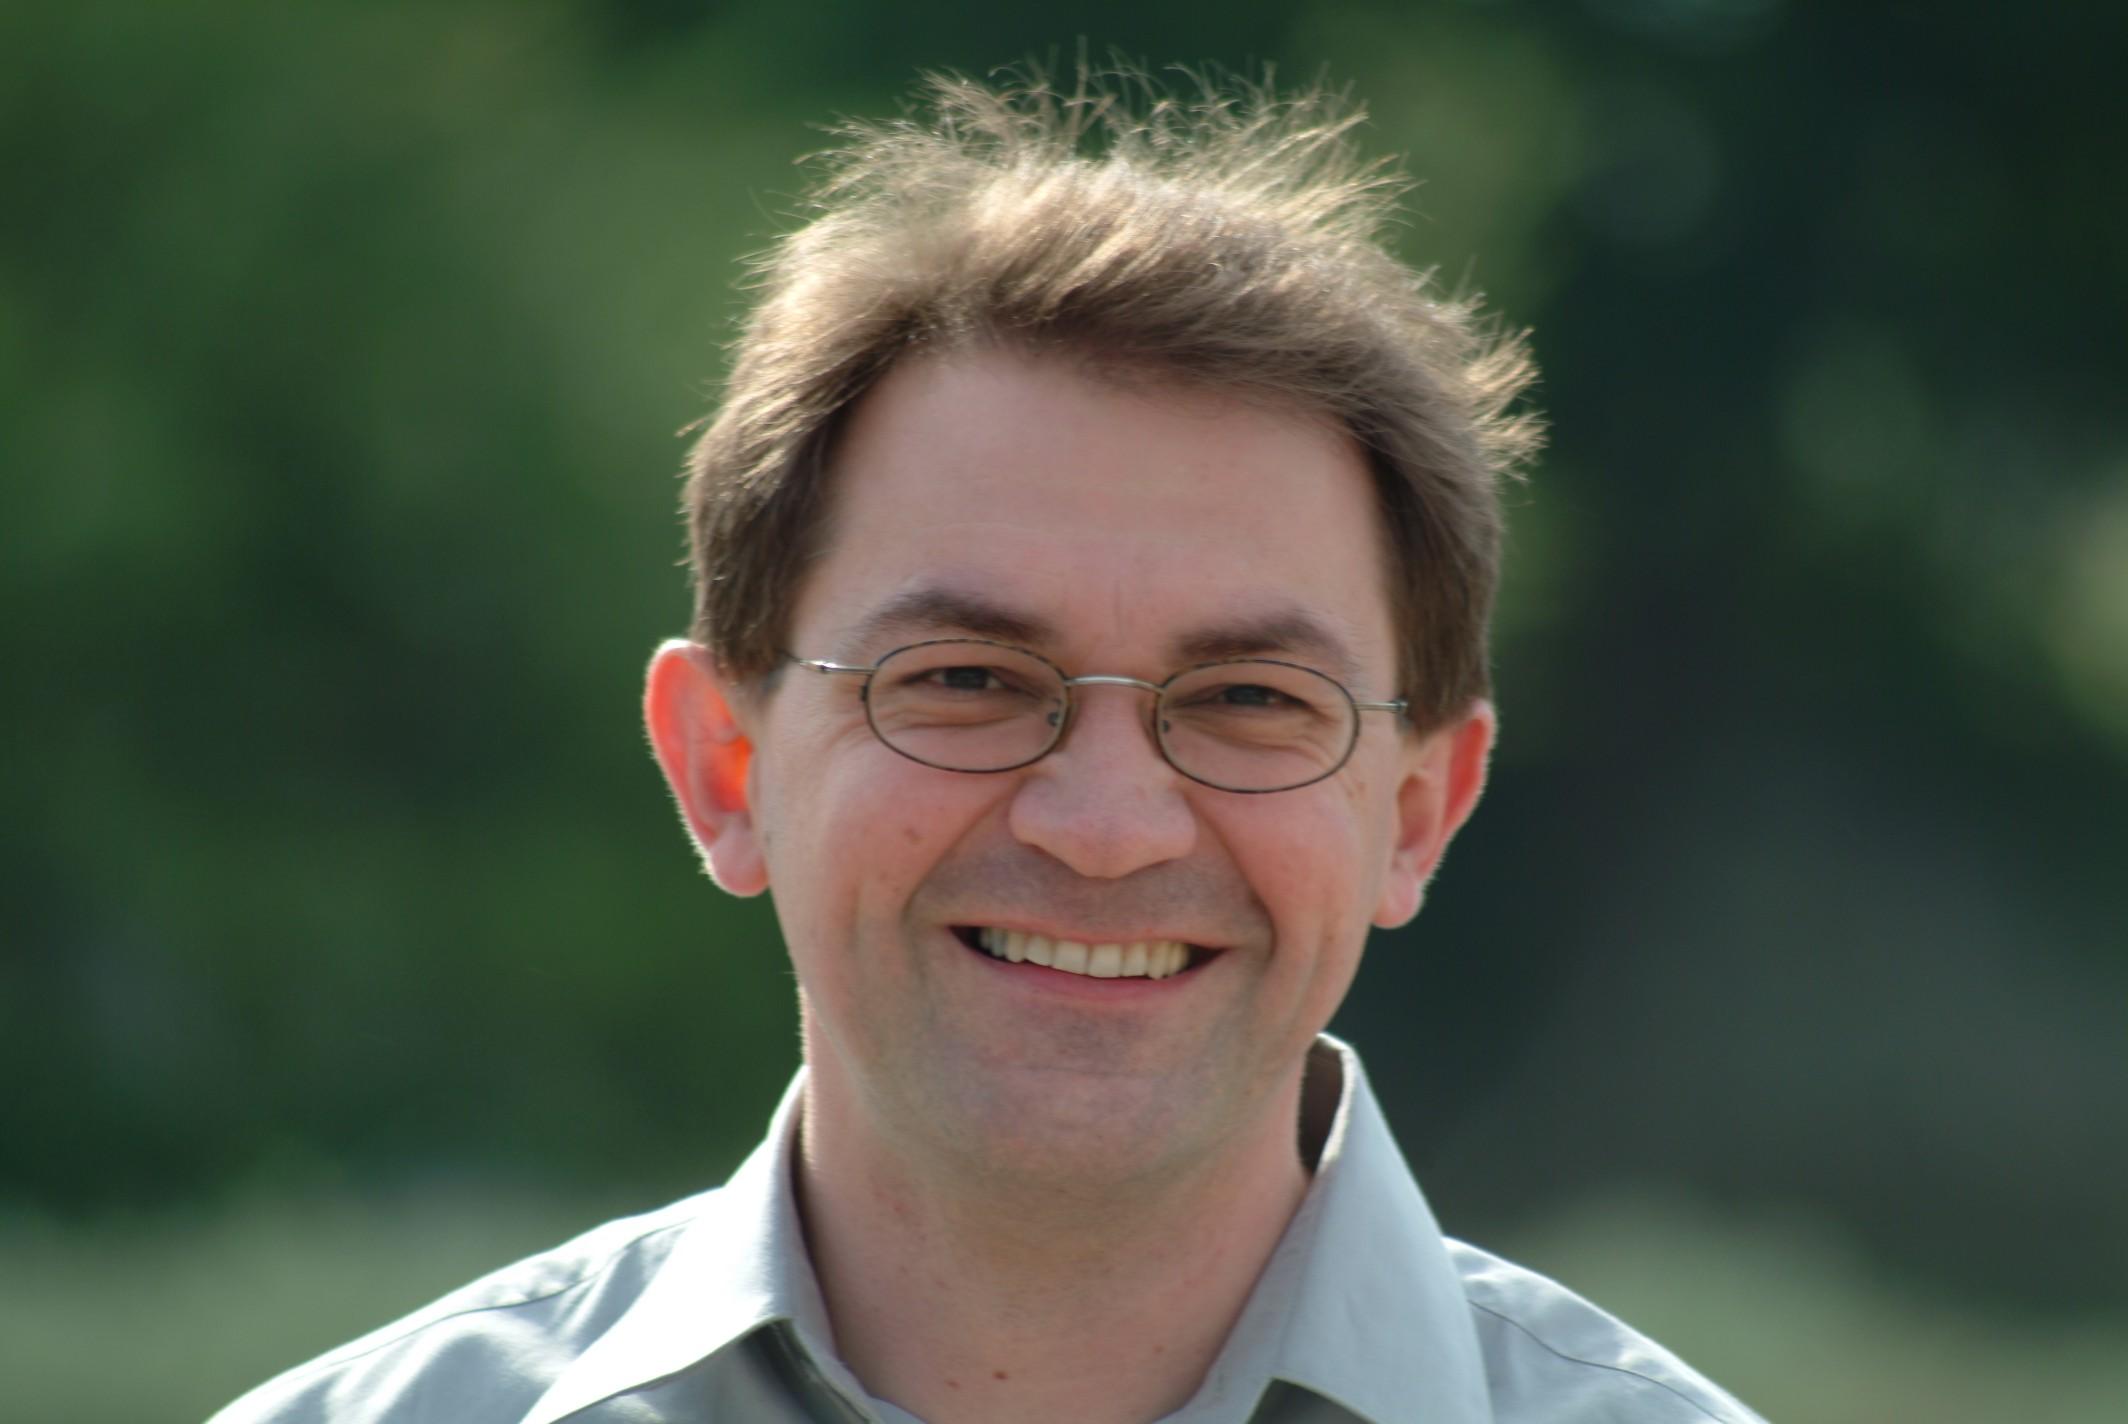 Guenter Gmeiner (2010-2012)